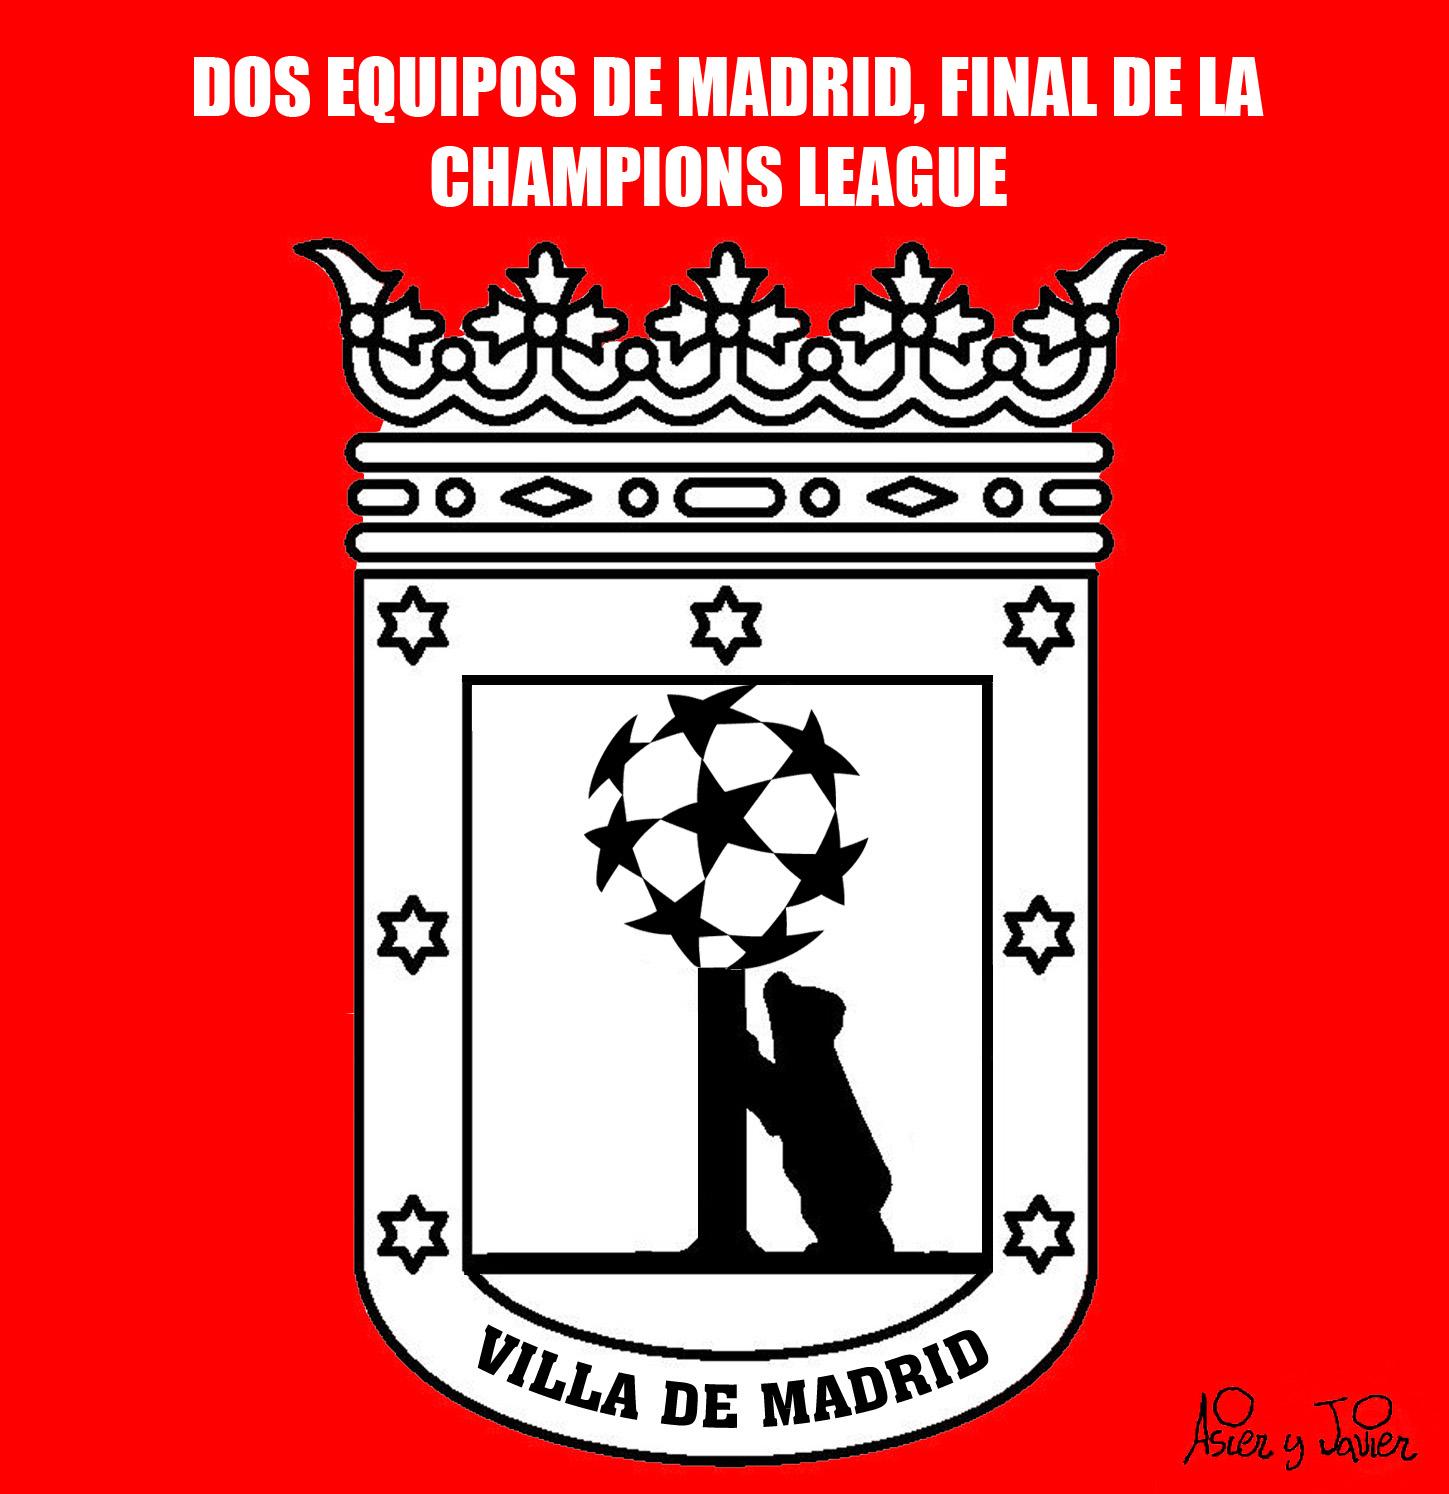 Dos equipos de fútbol de Madrid disputarán la final de la Champions. Viñeta, oso y madroño, humor.